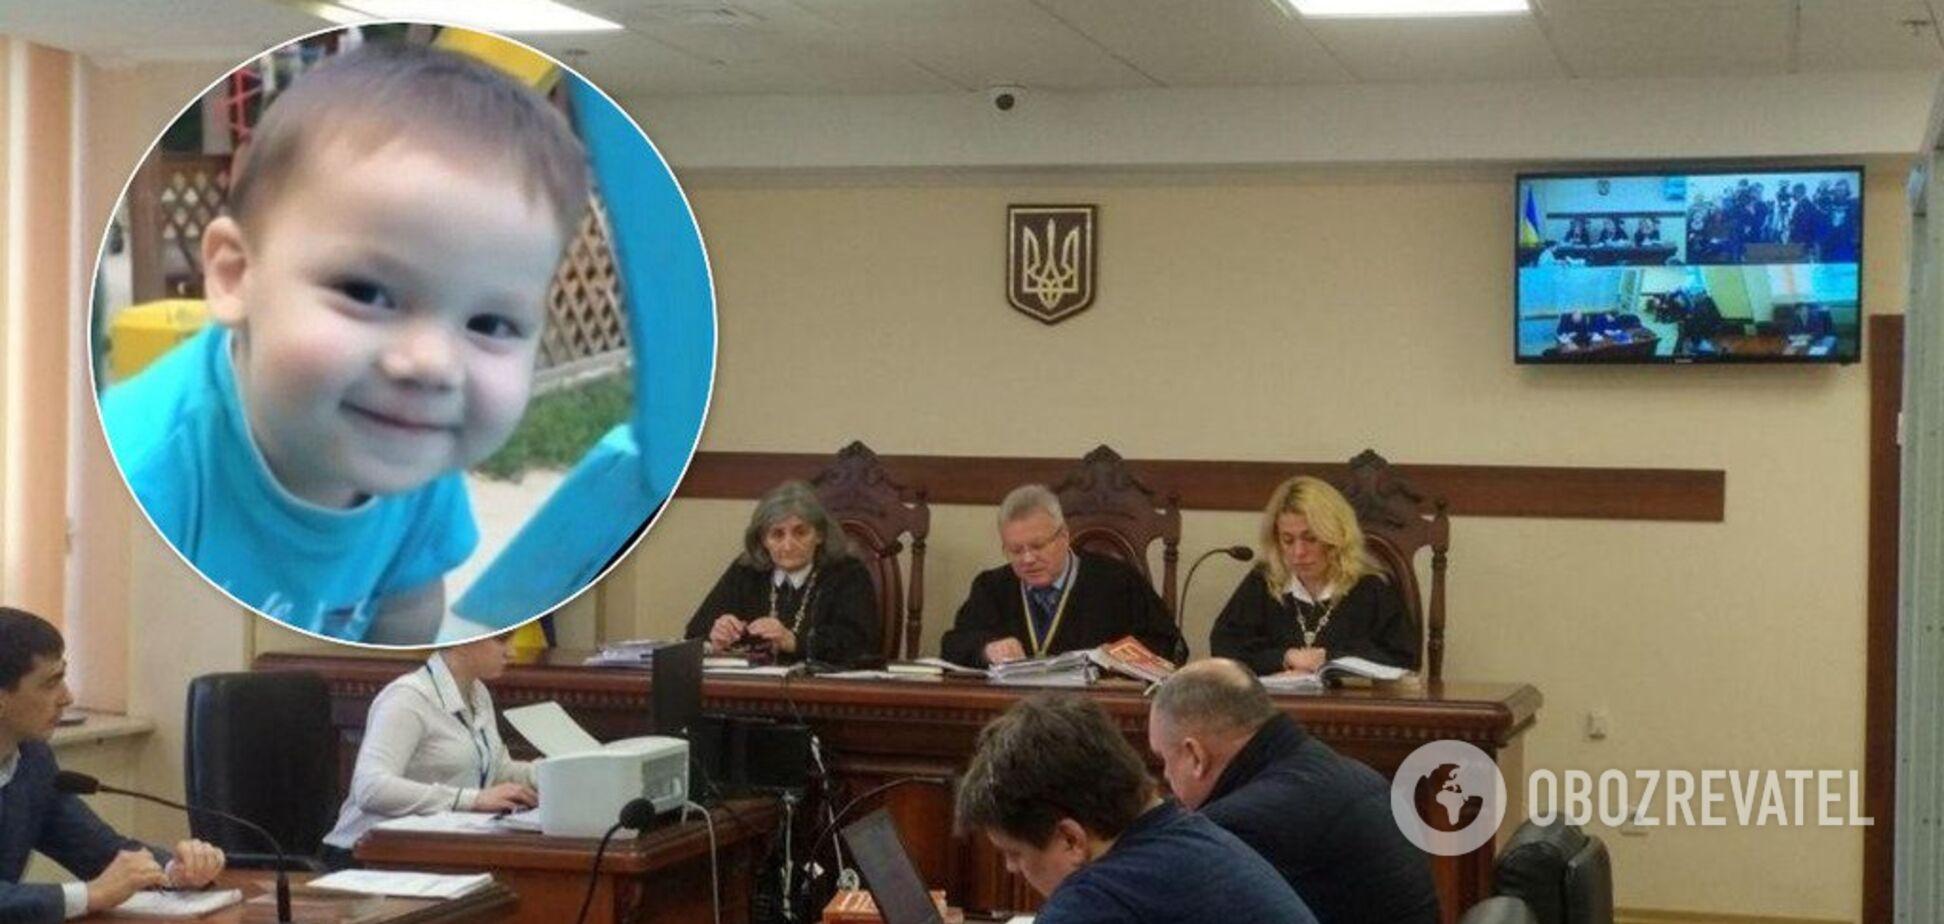 Мама плакала: дело об убийстве малыша под Киевом получило новый поворот